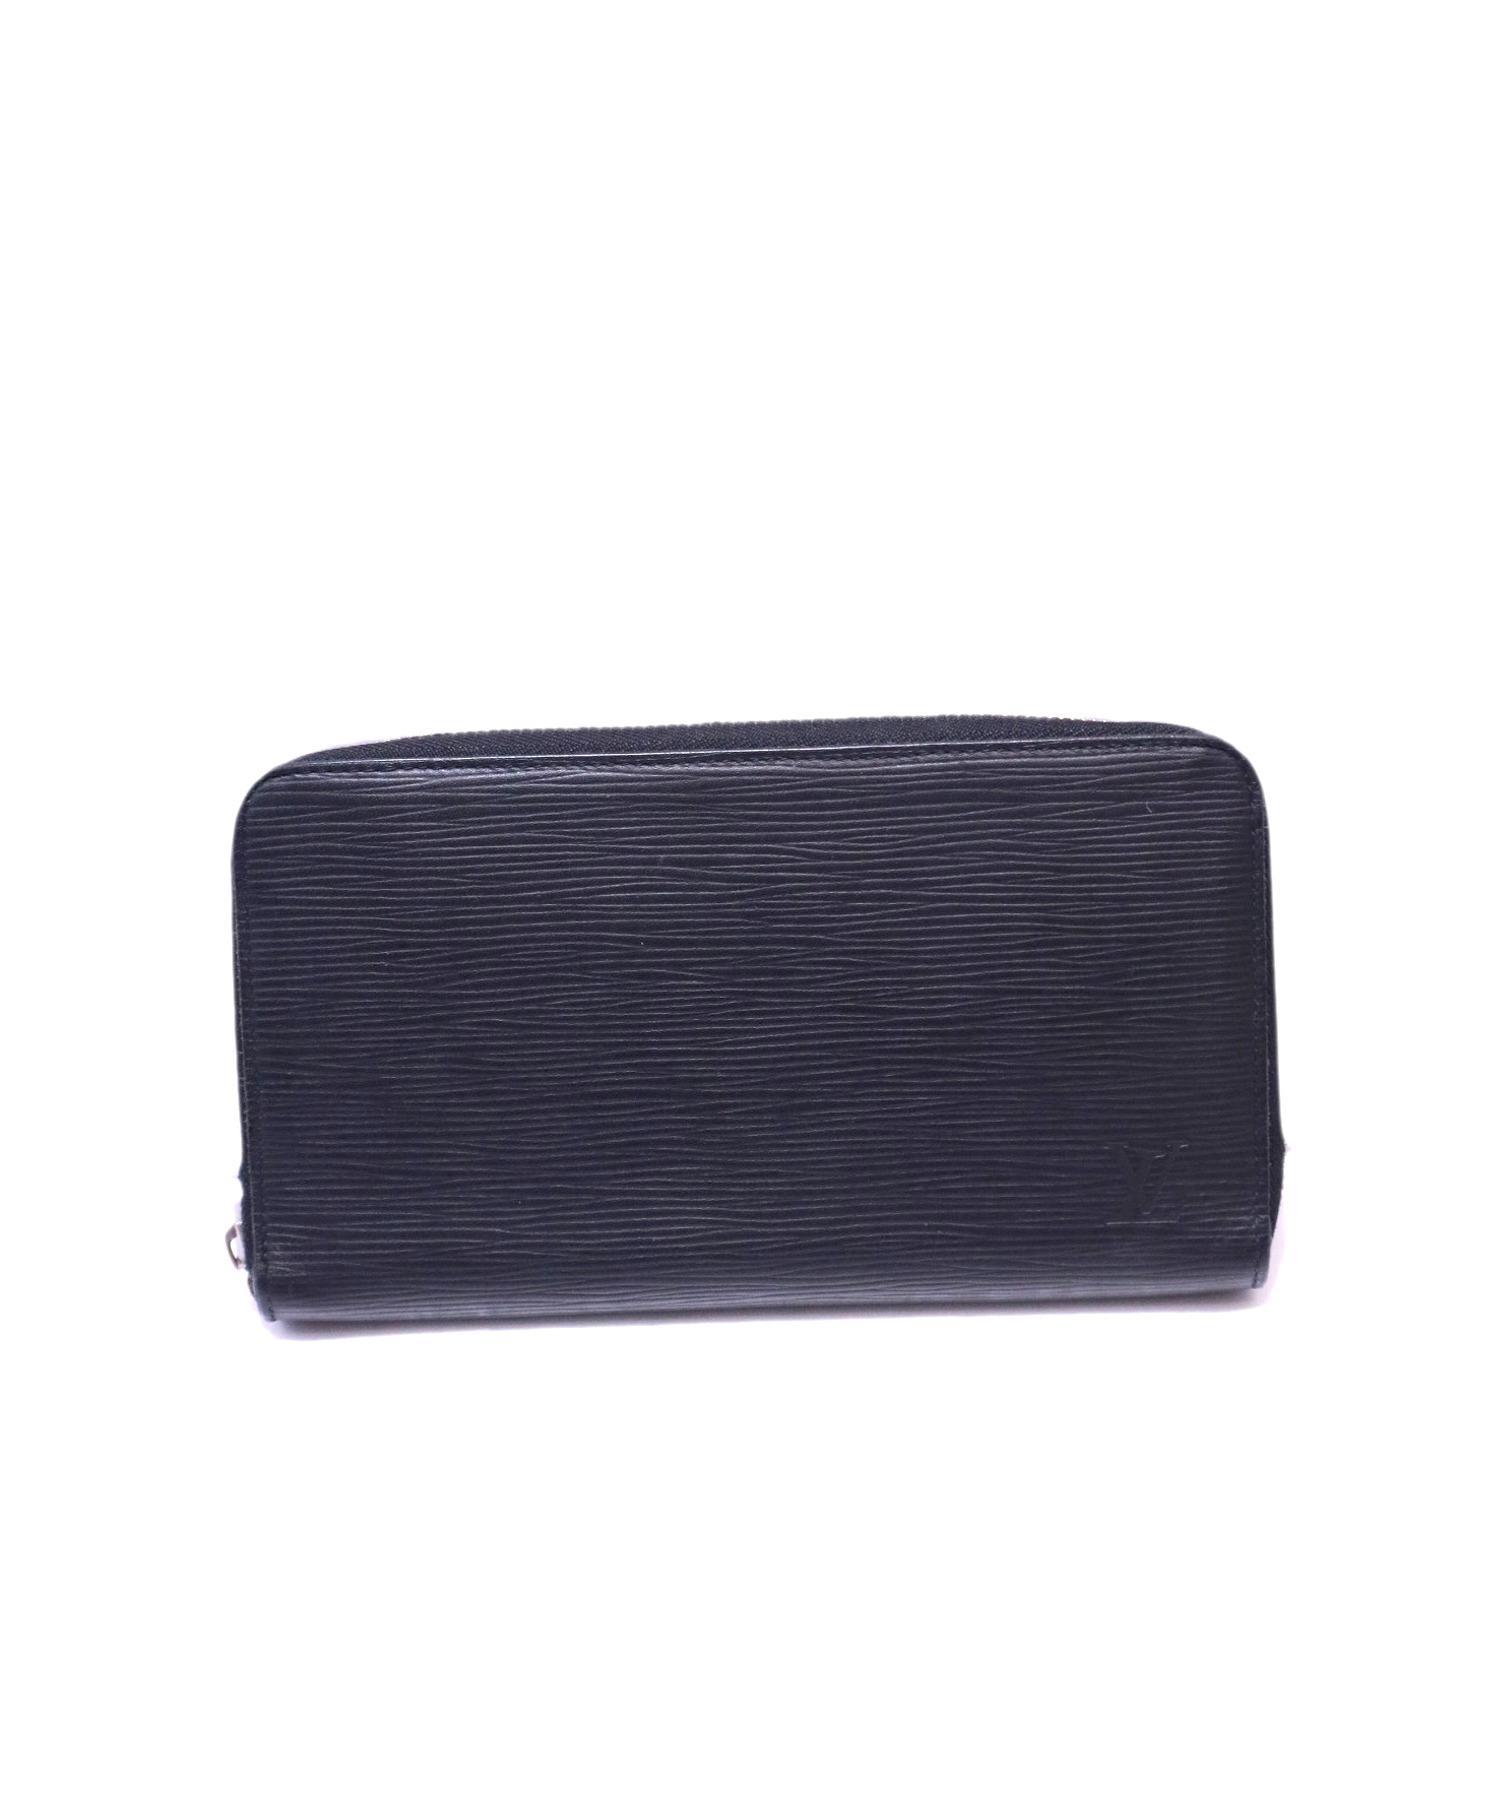 free shipping ca058 3964c [中古]LOUIS VUITTON(ルイ・ヴィトン)のメンズ 服飾小物 長財布